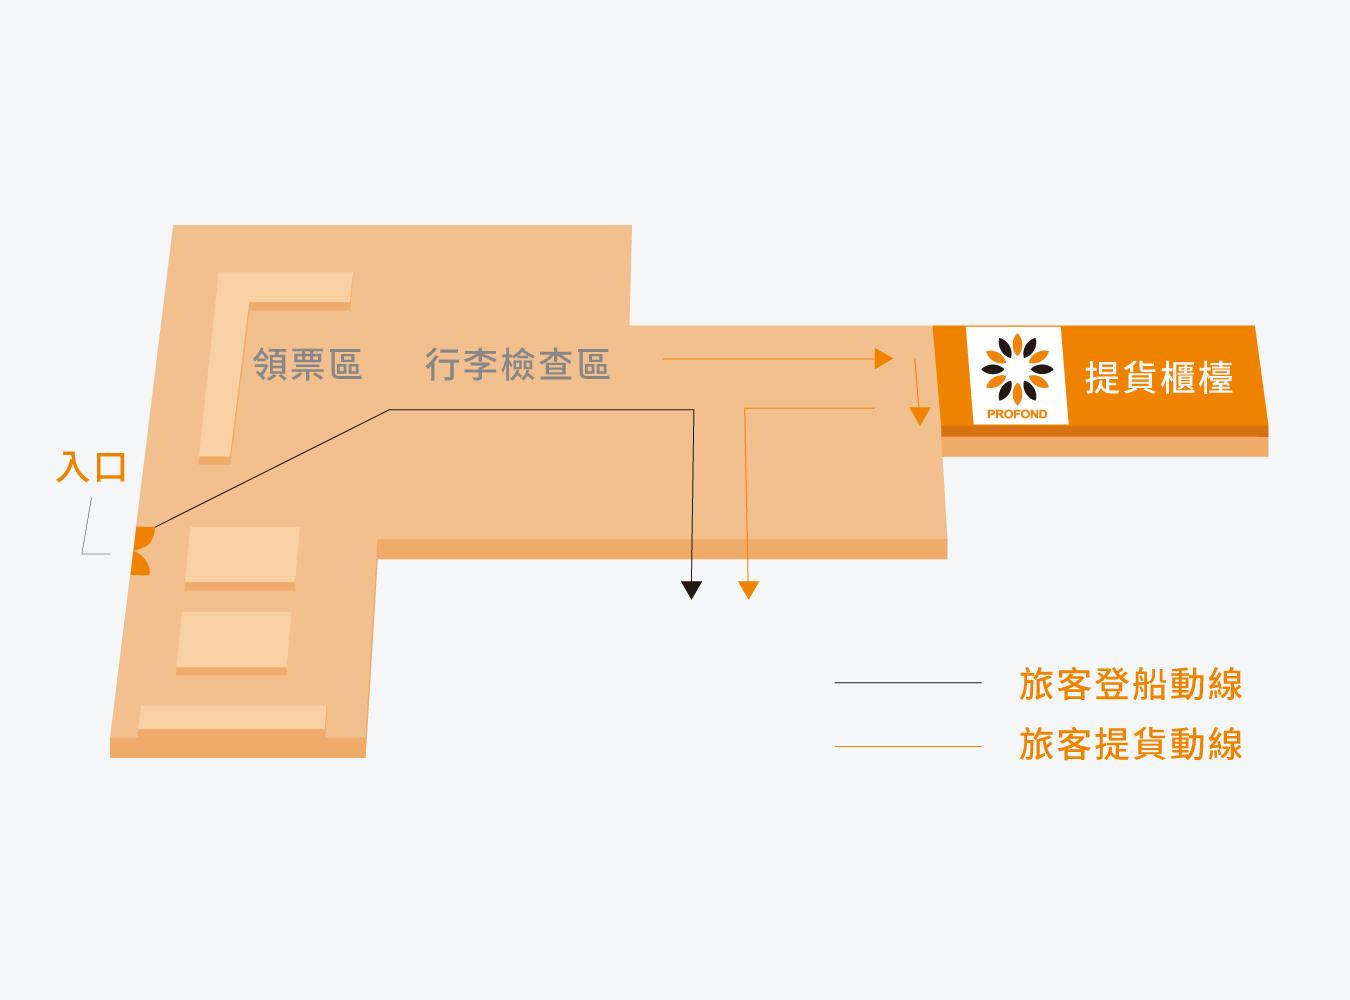 龍門港平面圖